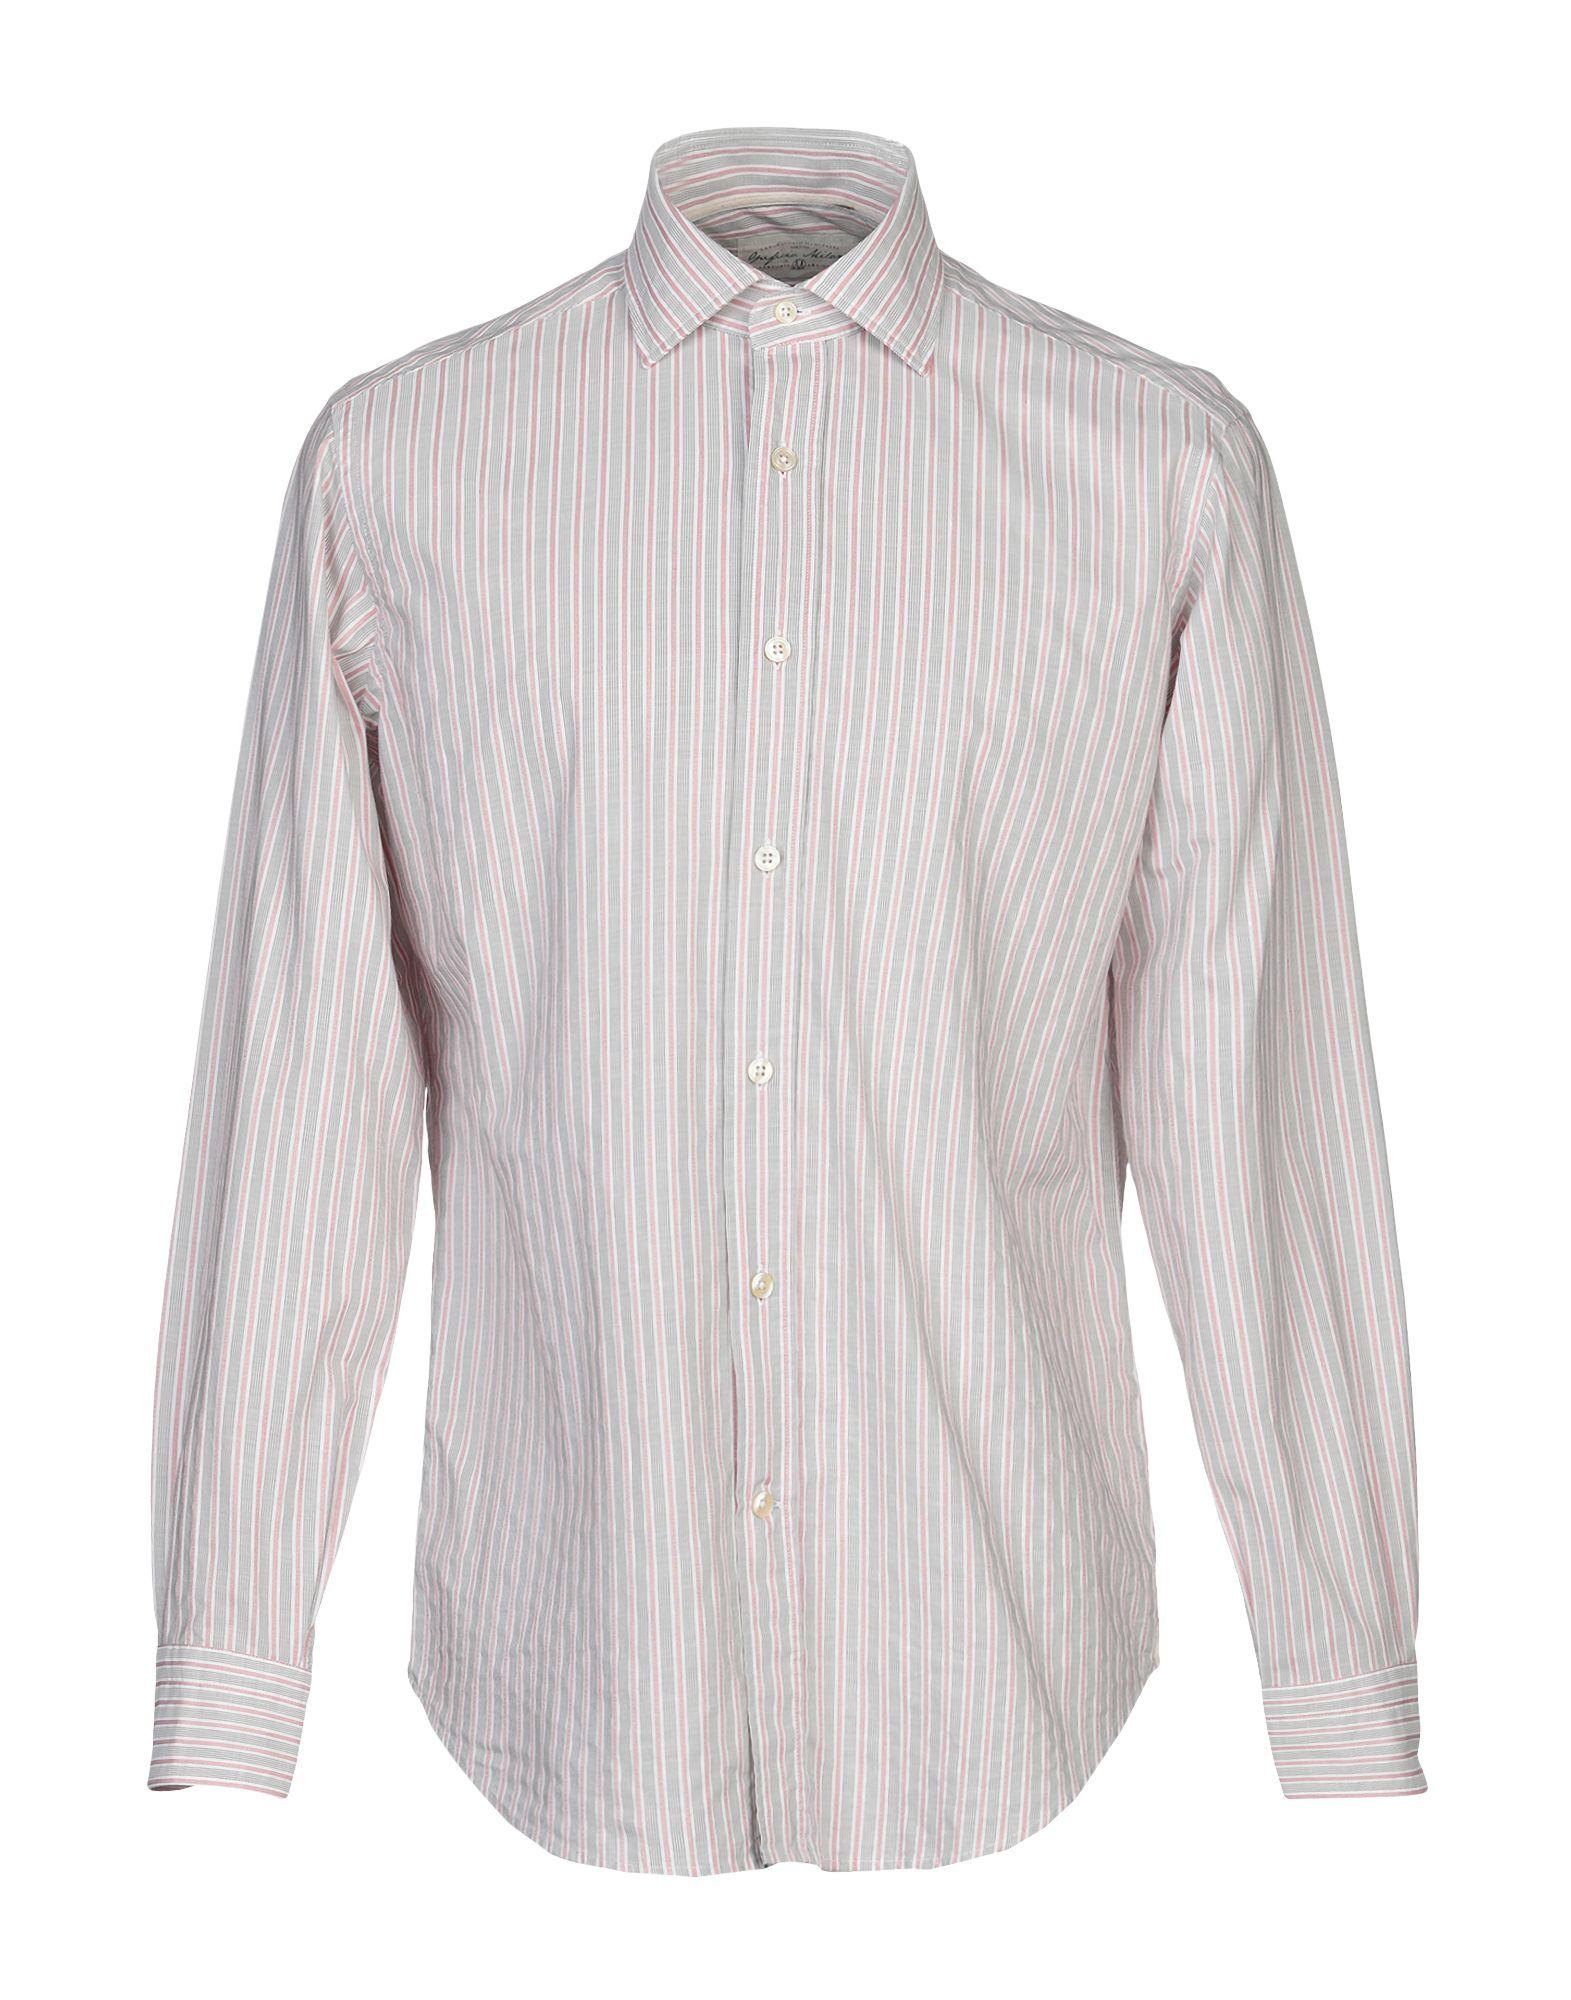 《送料無料》OPIFICIO MILANO M メンズ シャツ グレー 40 コットン 100%